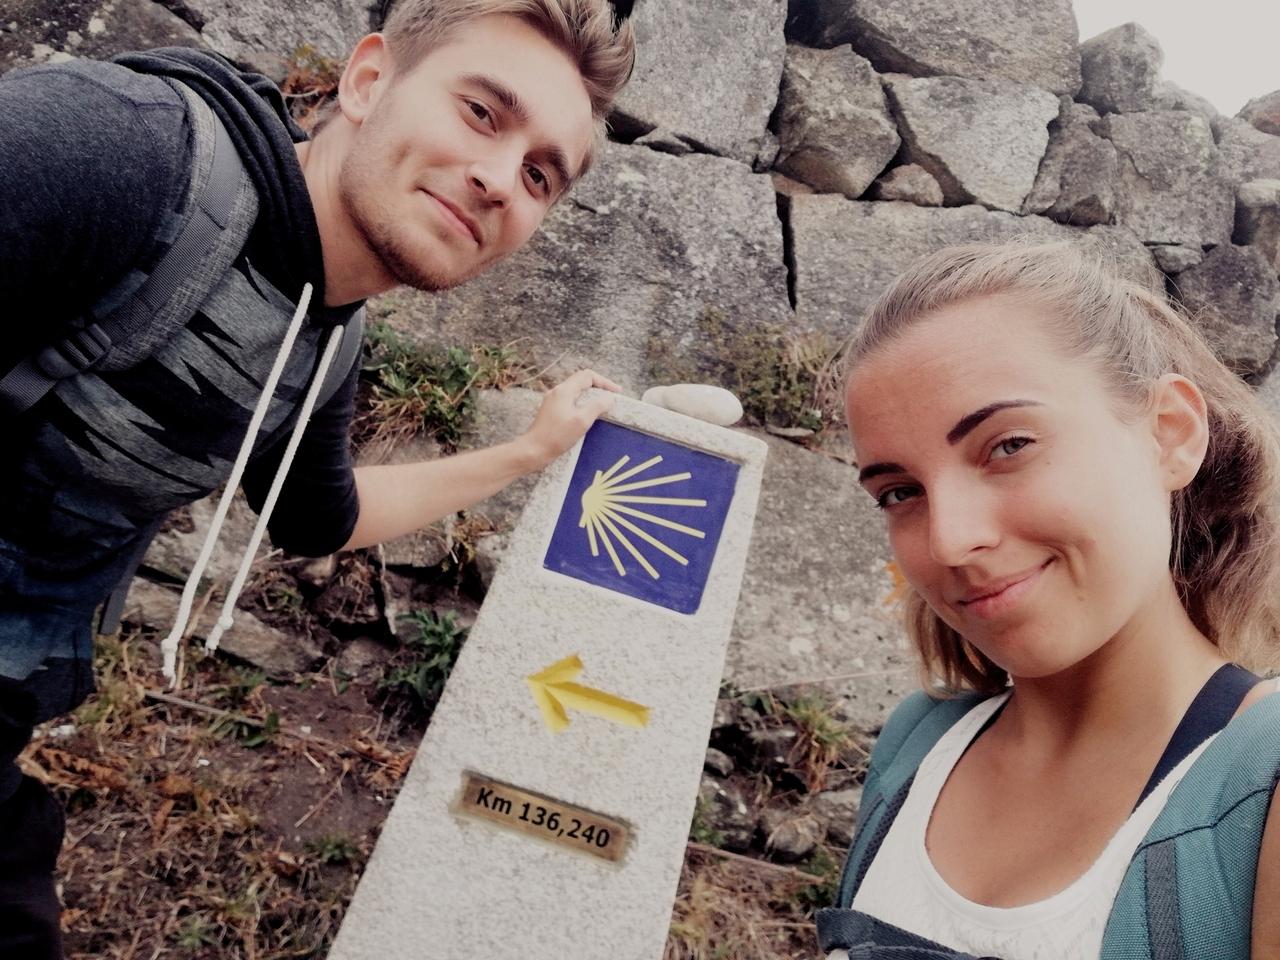 Pouť do Santiaga de Compostela - Cesta, která může začít kdekoliv